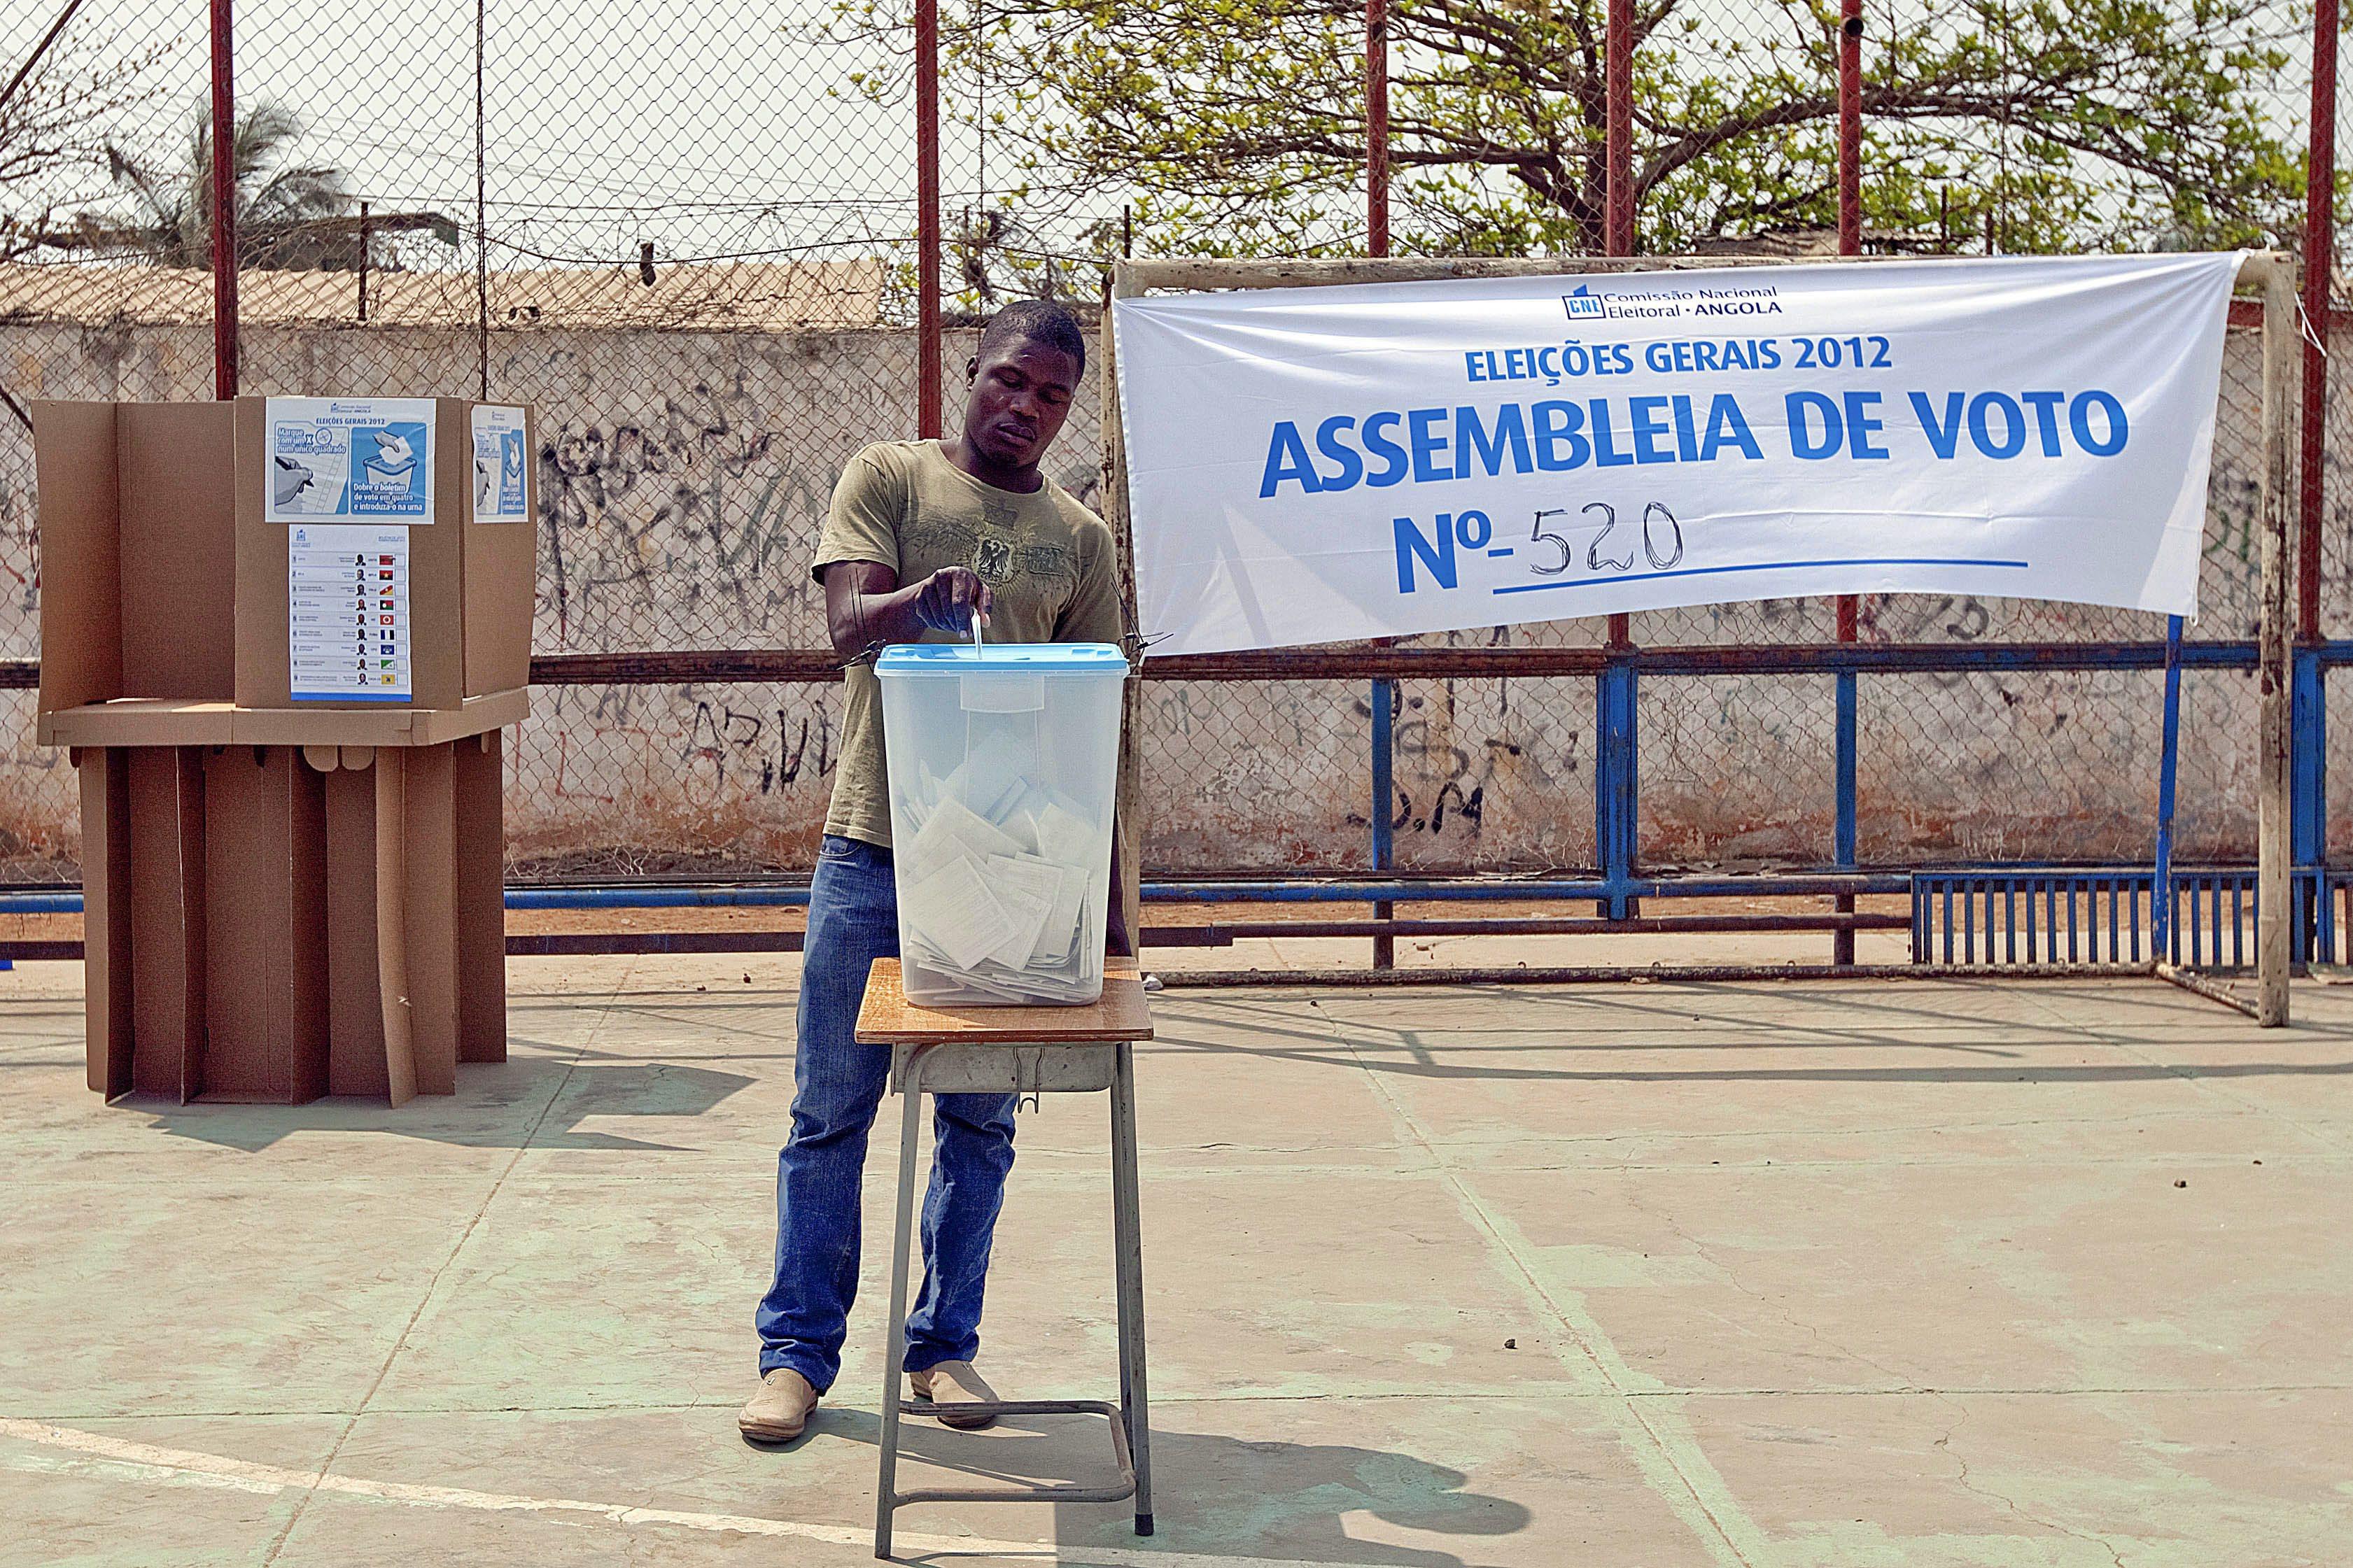 Primeiro dia de registo eleitoral em Angola supera expetativas com actualização de 13 mil